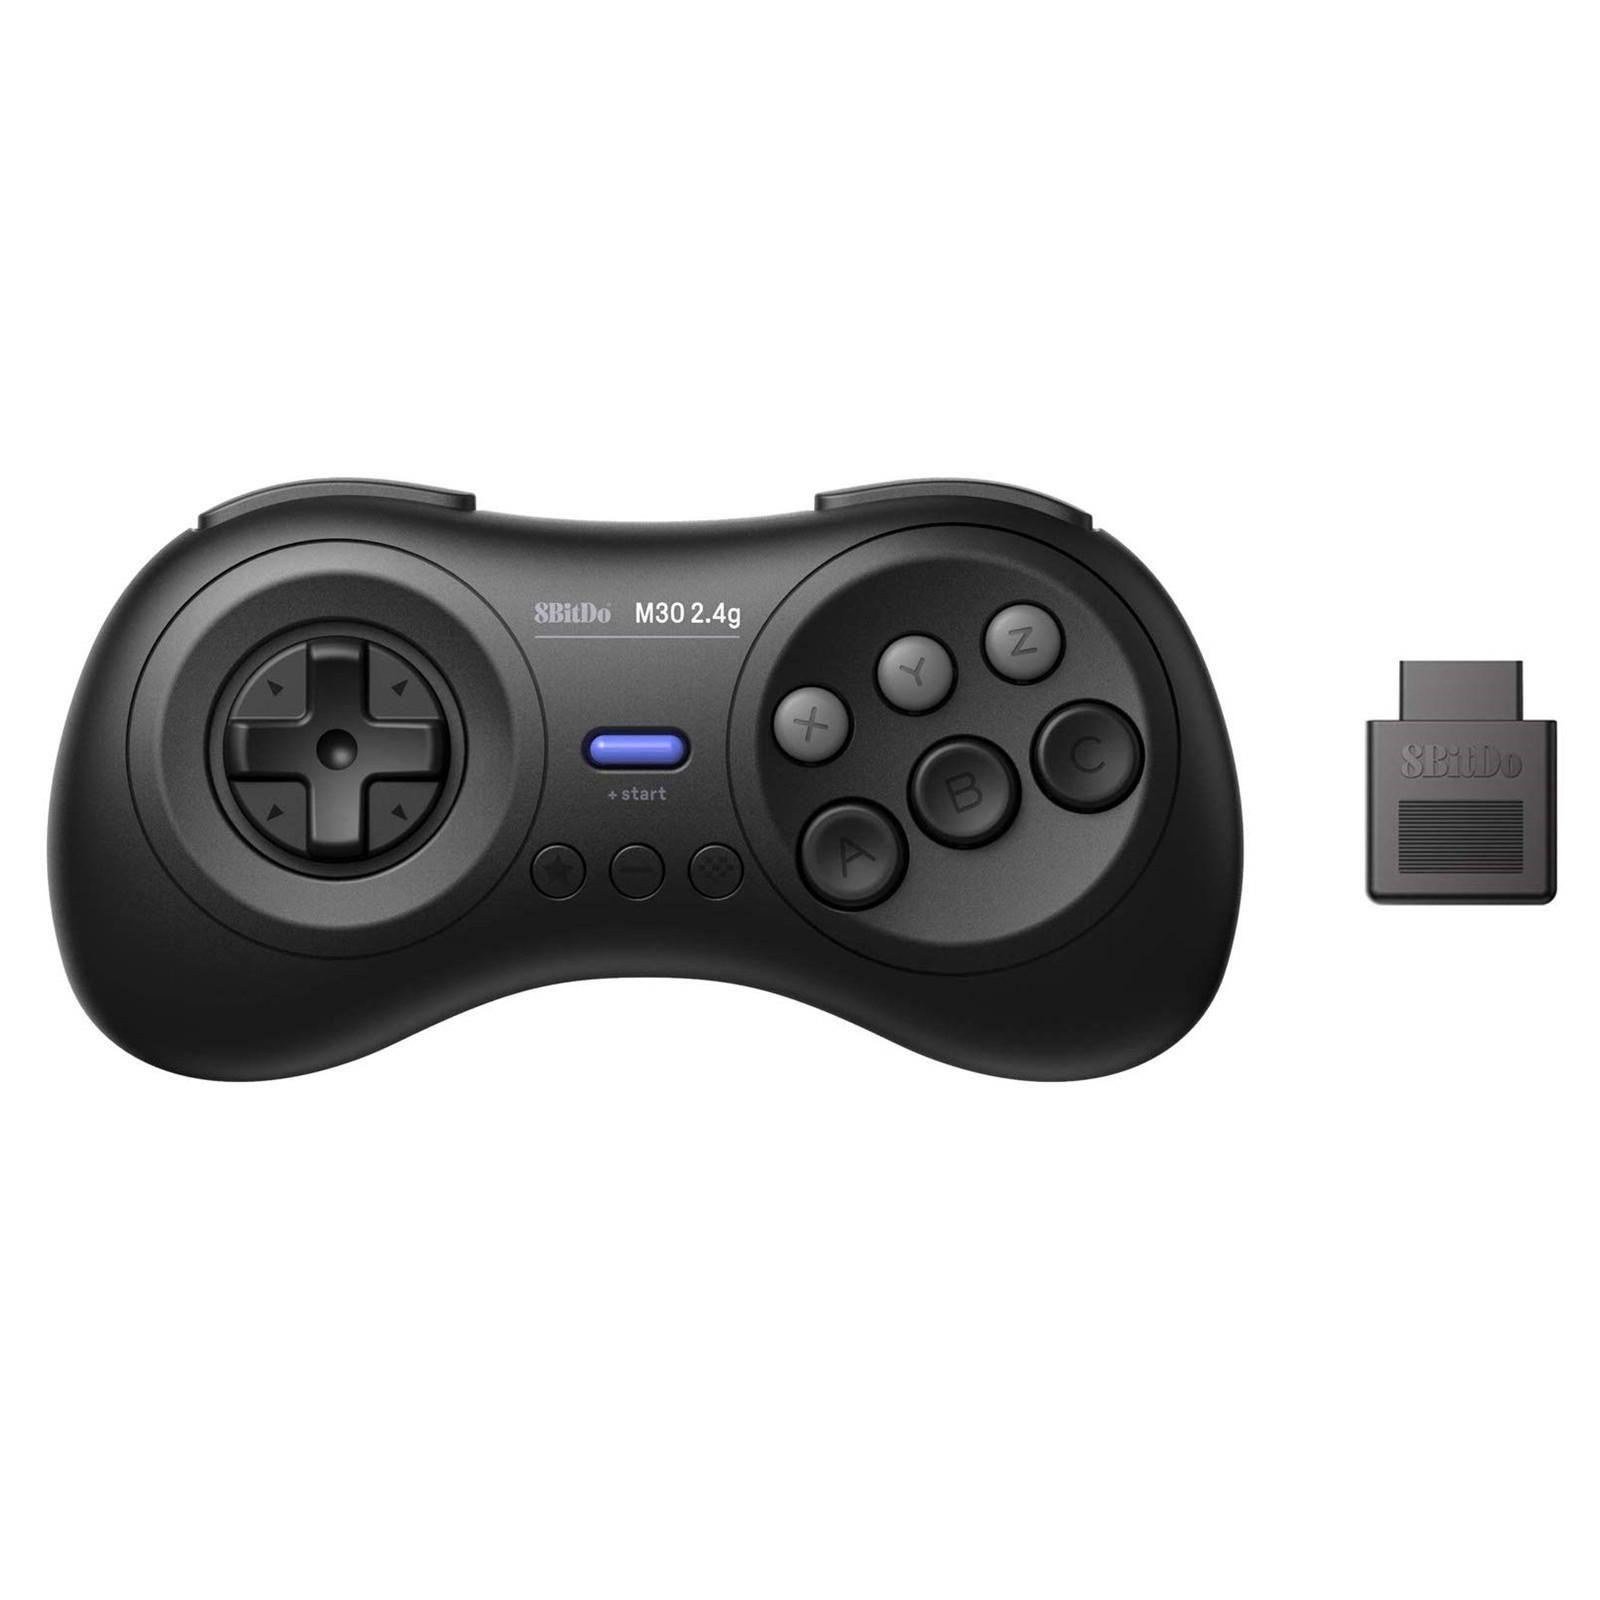 8bitdo M30 2.4G Kablosuz Mega Windows PC için Nintendo Anahtarı için oyun kumandası Oyun Denetleyici - Siyah